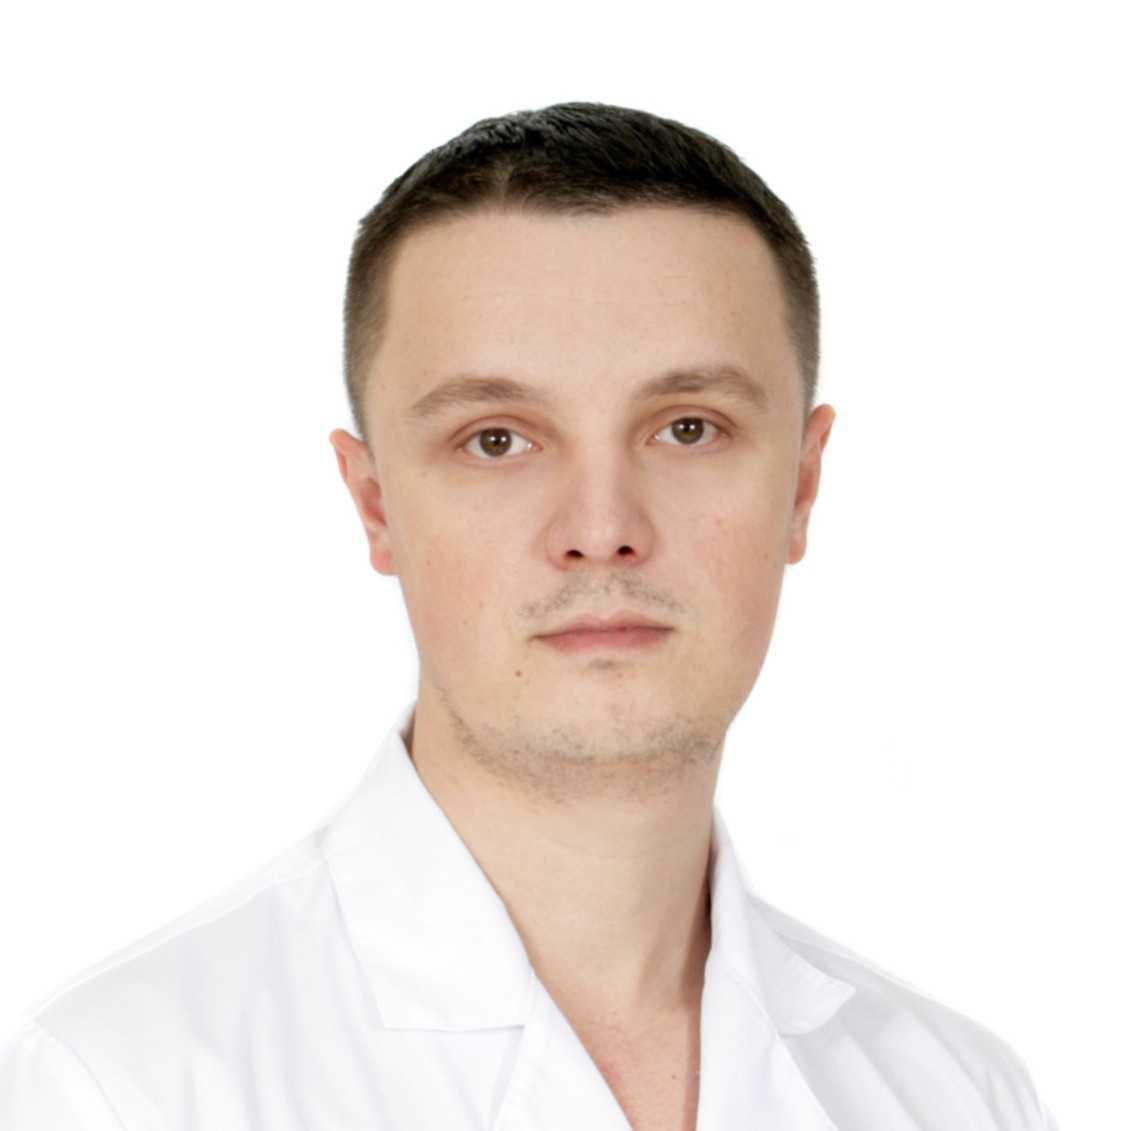 Хасанов Тимур Фаридович - фотография